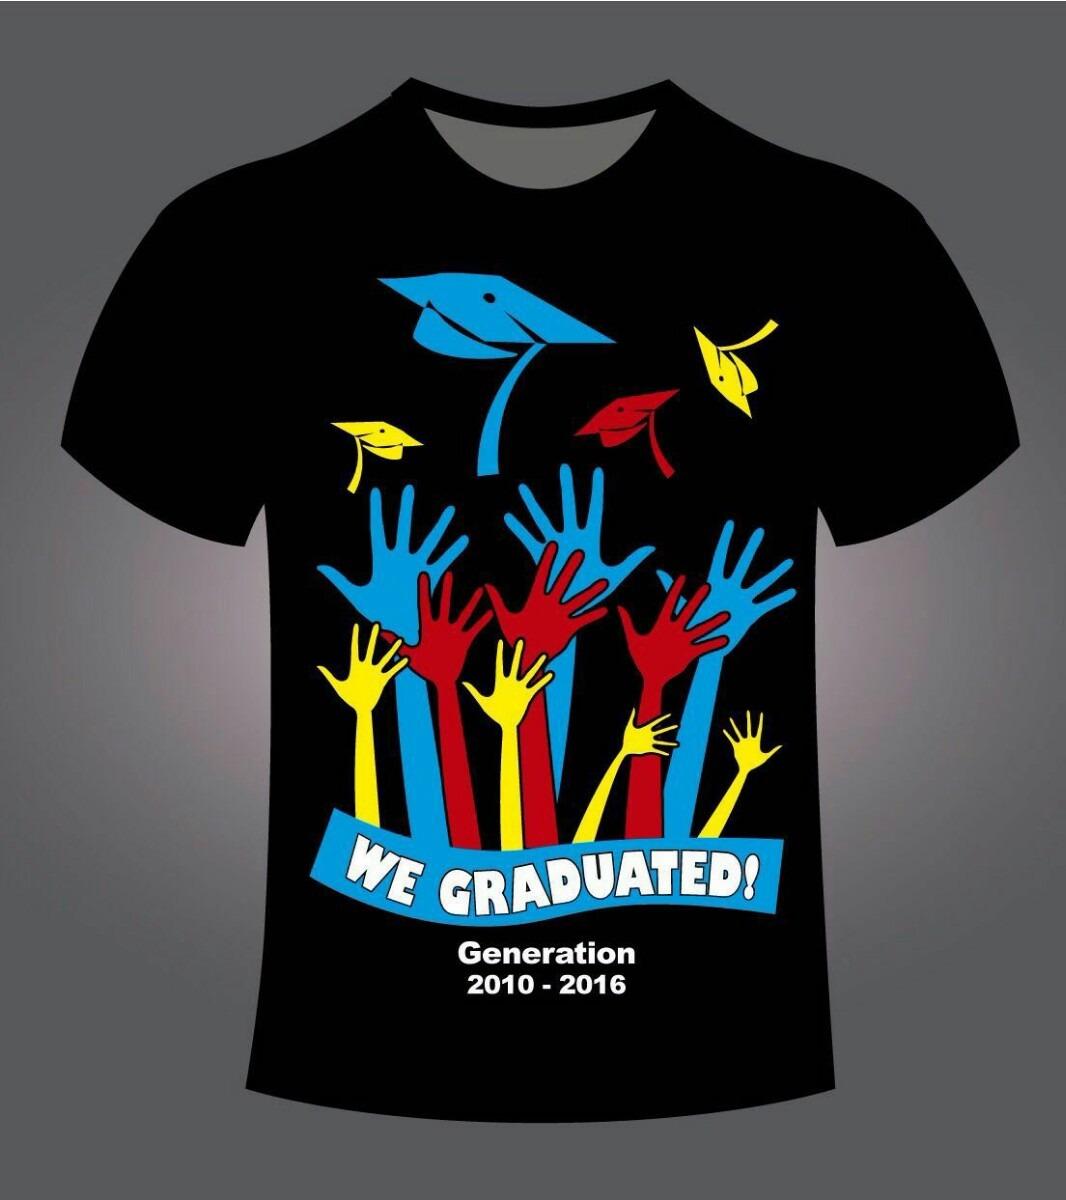 Playera Dry Fit Graduacion -   295.00 en Mercado Libre 2b8ca20da7fad